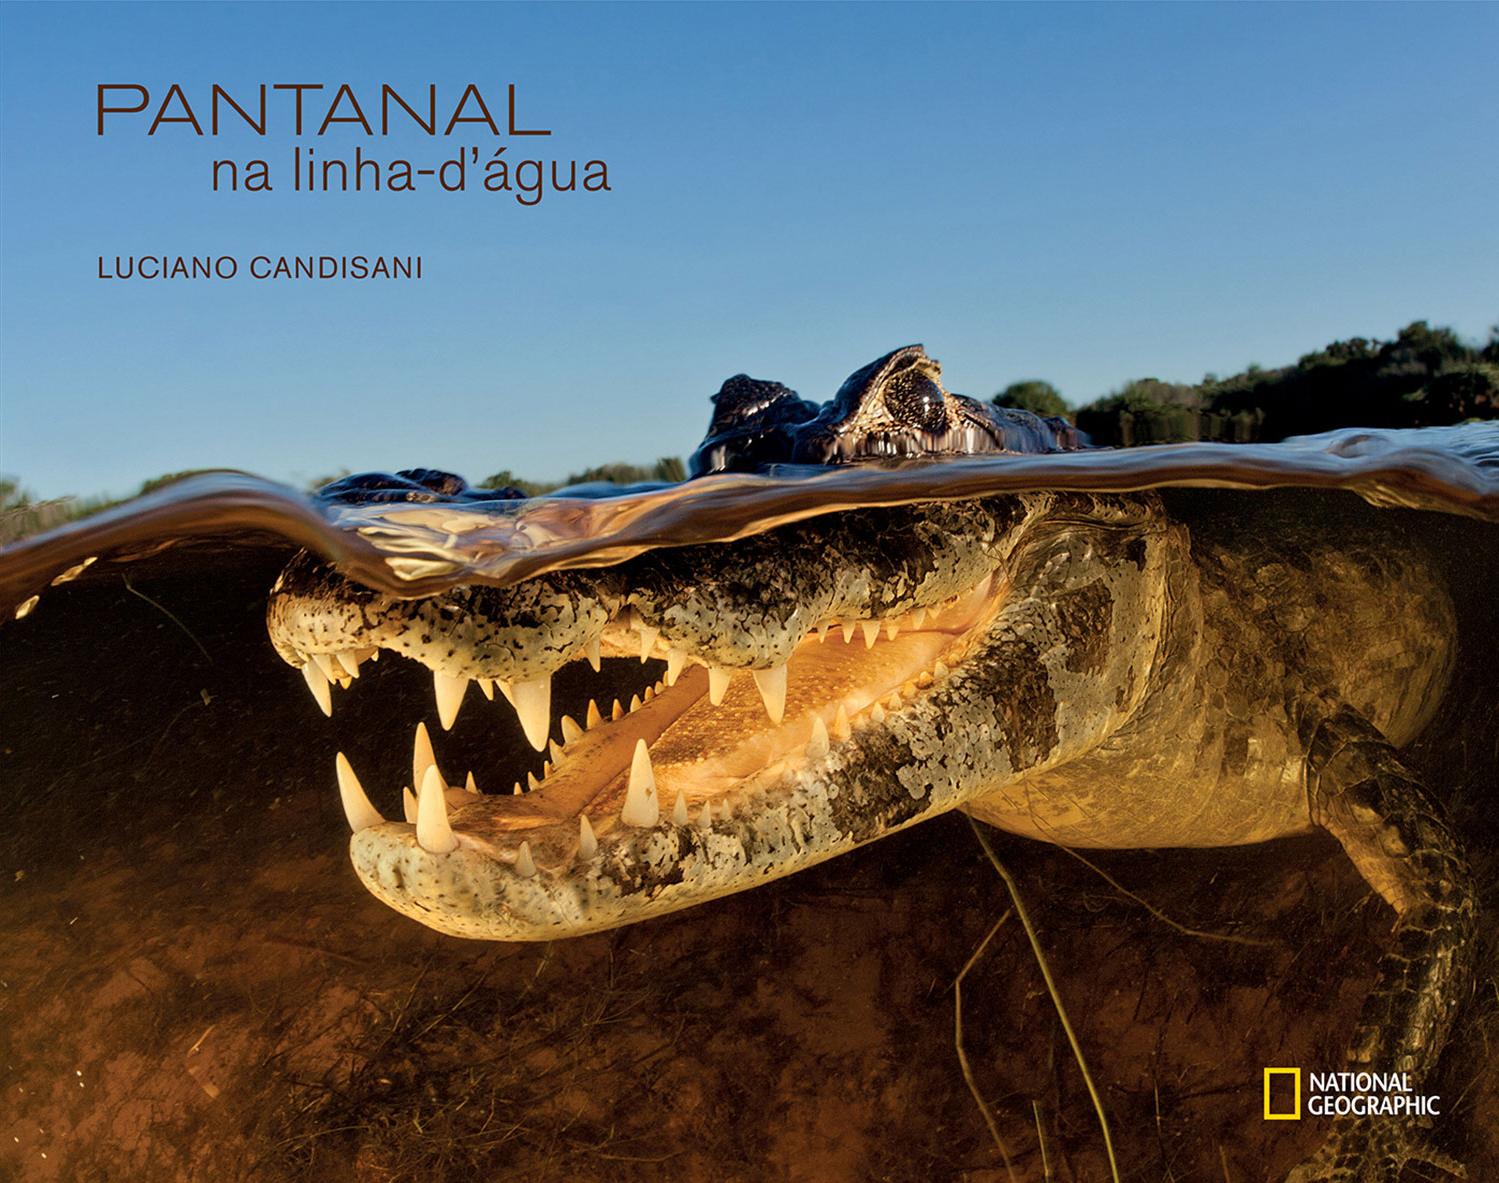 Edição de fotos e projeto gráfico para o livro  Pantanal na linha-d'-água.   NG Brasil, 2013. Fotos de Luciano Candisani